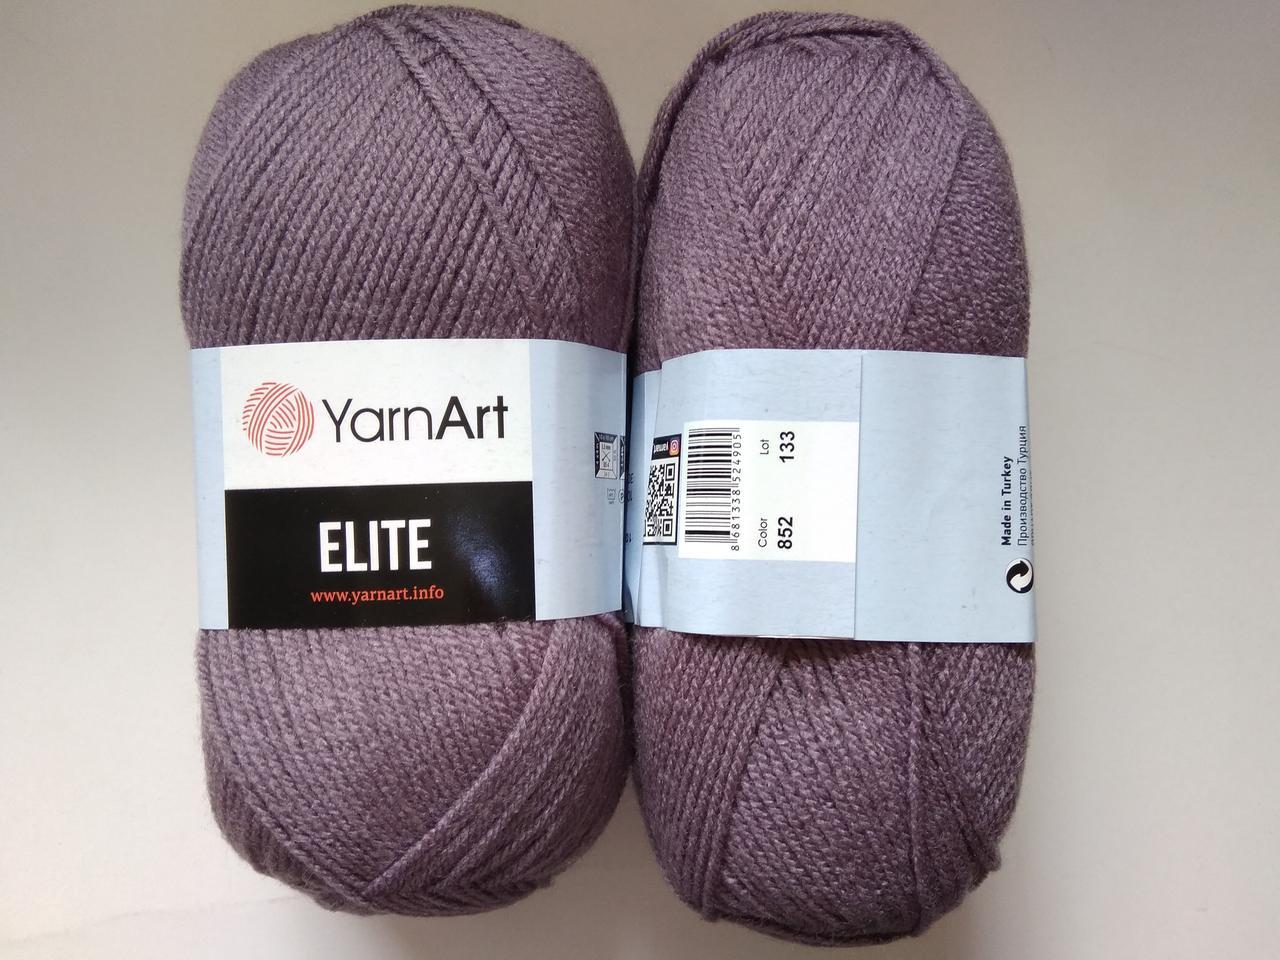 Пряжа Элит (Elite) Yarn Art, цвет сиреневый 852